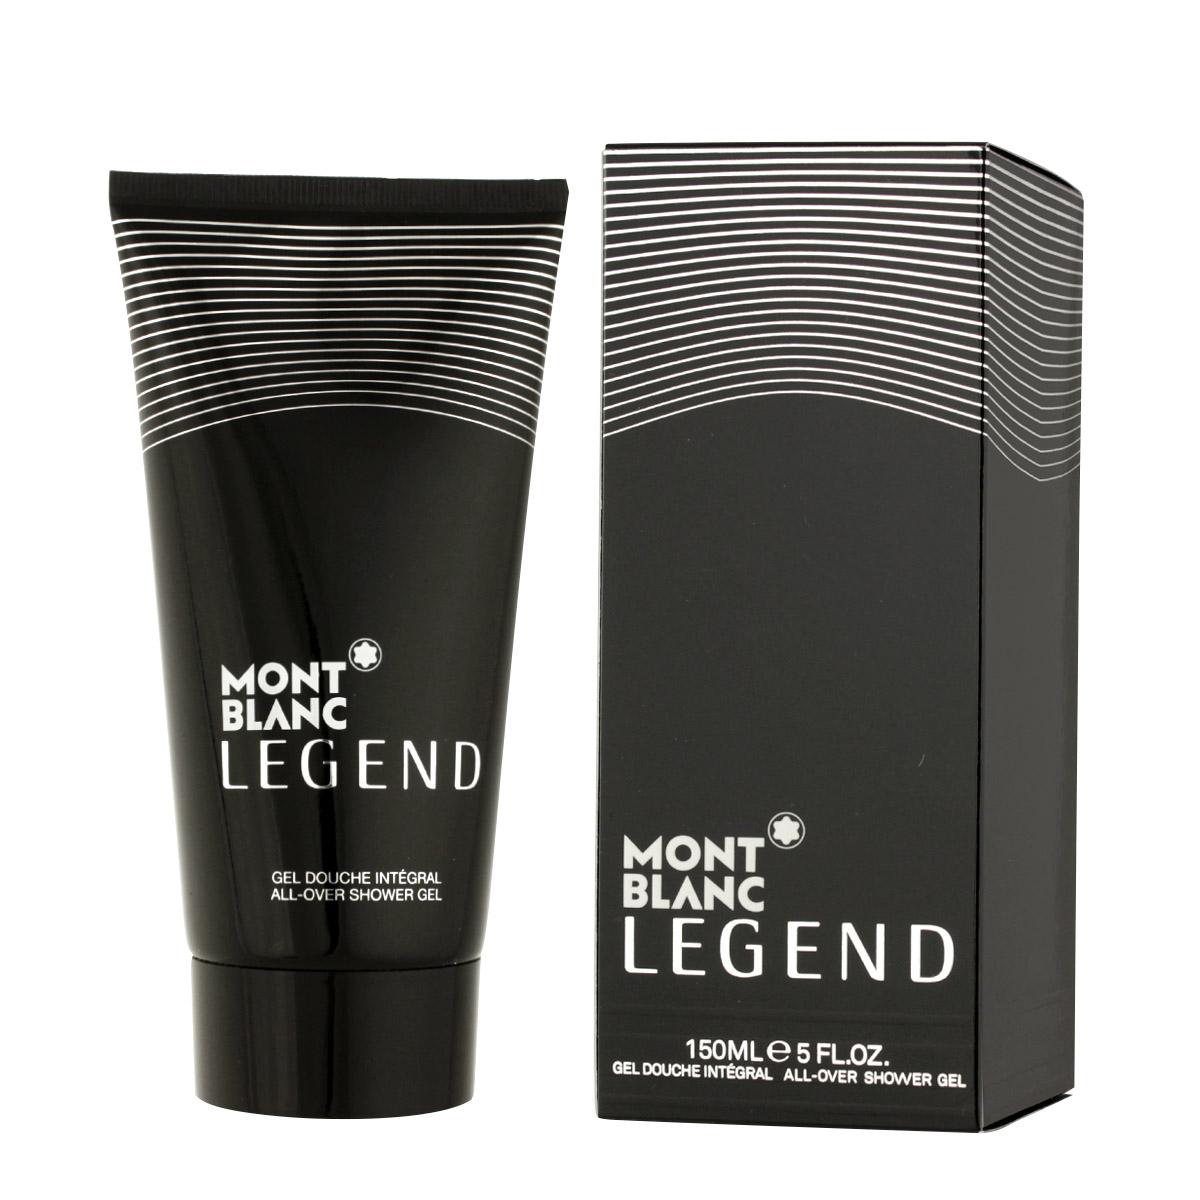 Mont Blanc Legend for Men SG 150 ml M